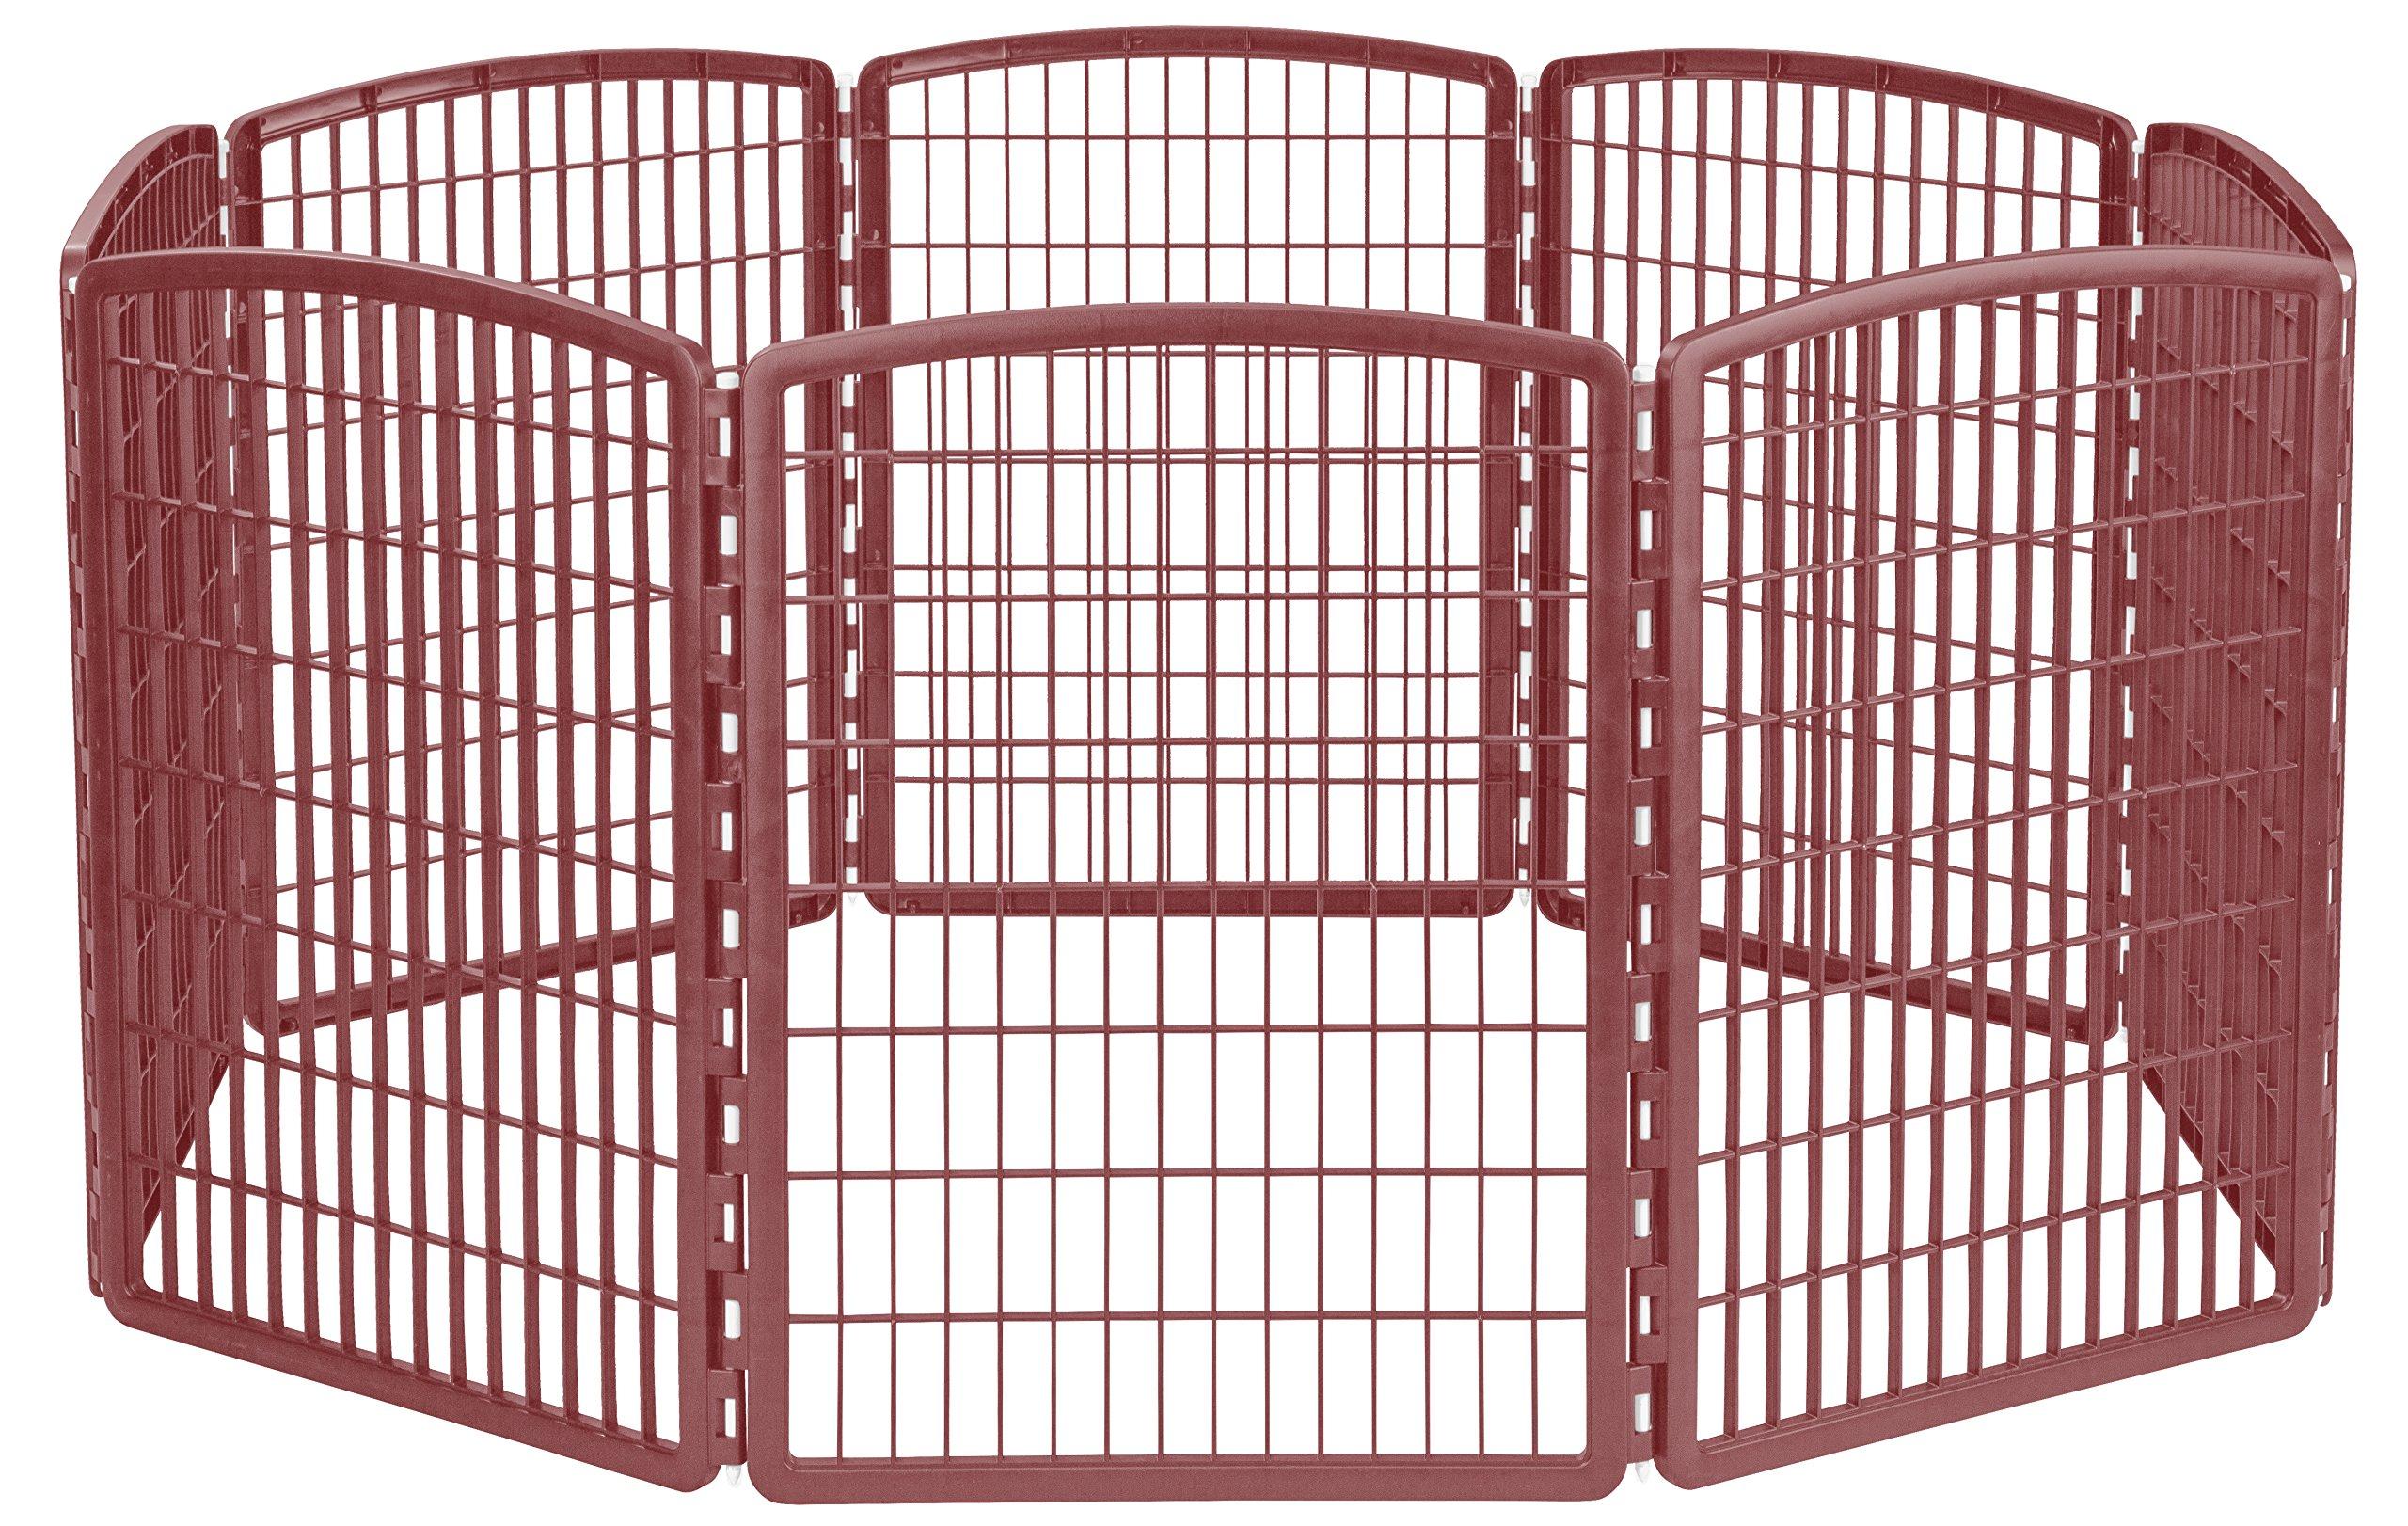 IRIS 34'' Exercise 8-Panel Pet Playpen without Door, Brown